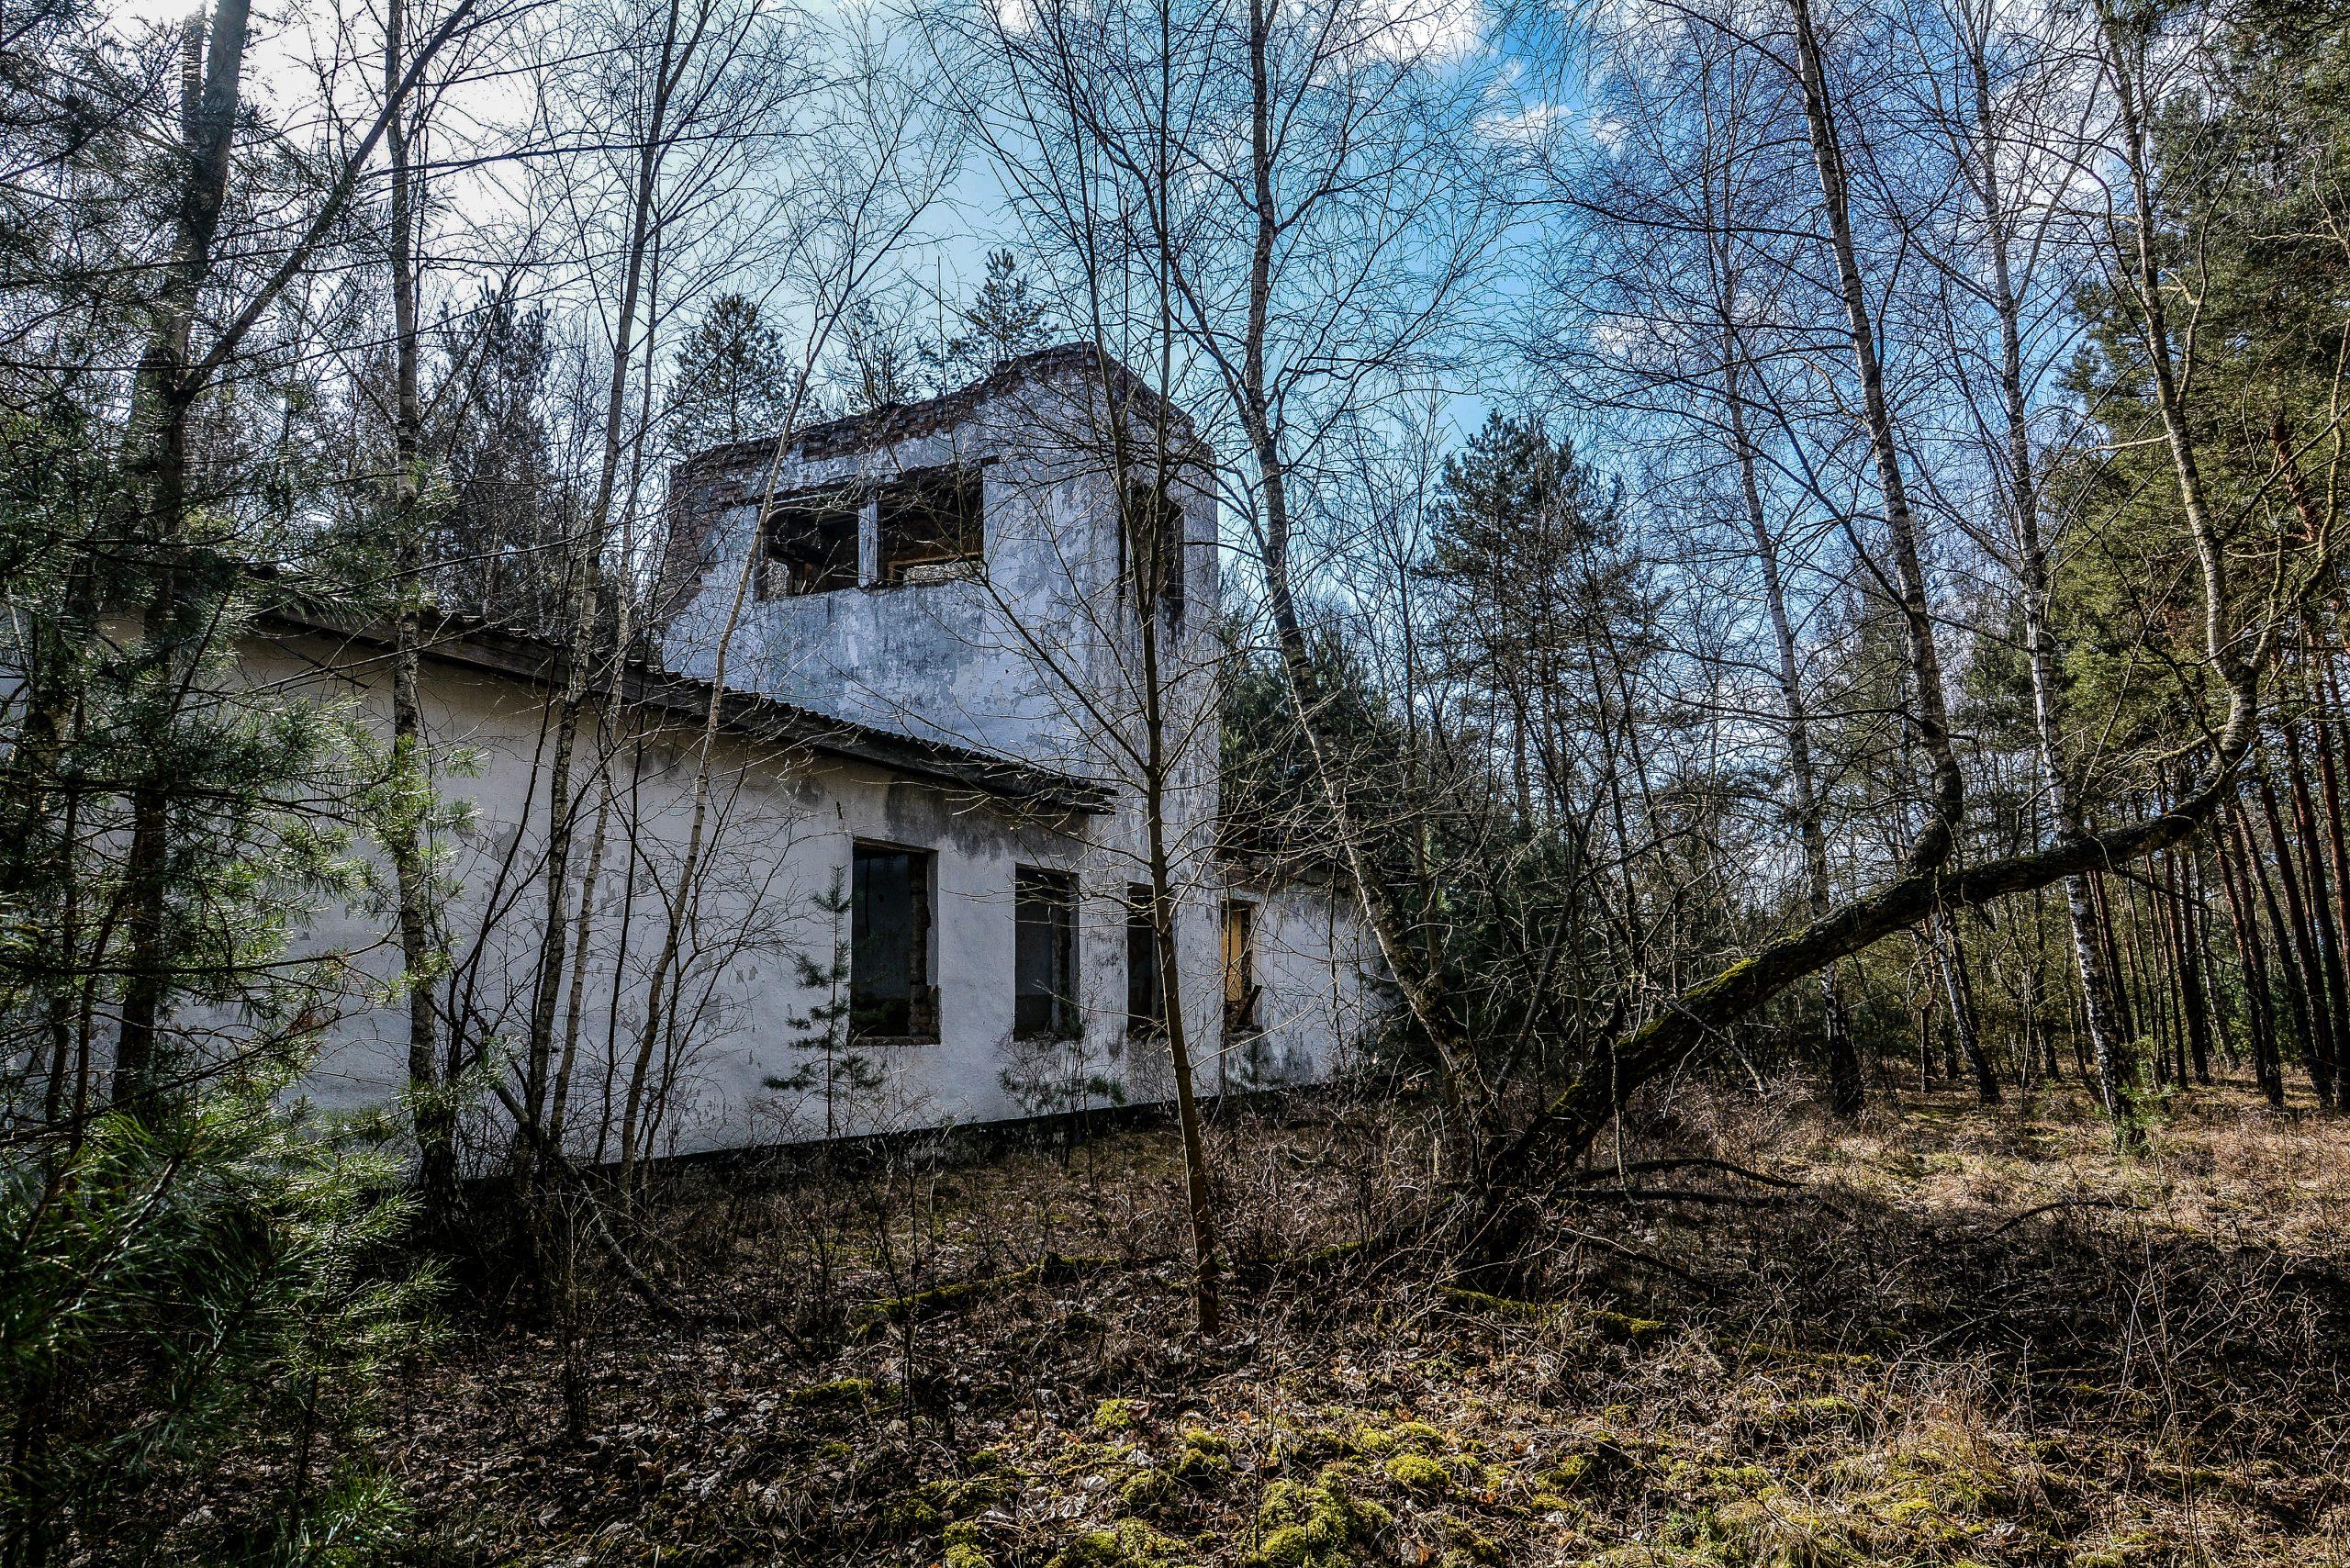 abandoned soviet observation post forst zinna adolf hitler lager luckenwalde juterbog sowjet kaserne soviet military barracks germany lost places urbex abandoned